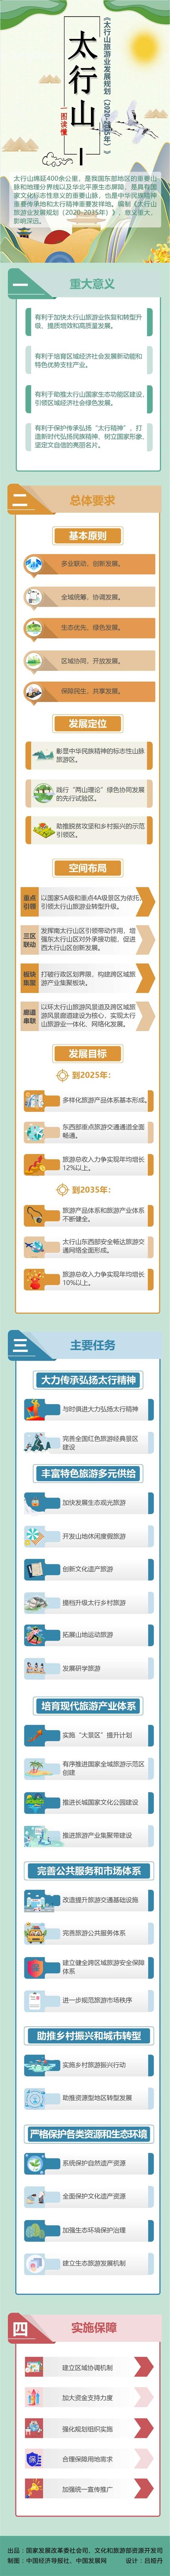 两部委印发太行山旅游业发展规划 范围包括京冀晋豫四省市图片